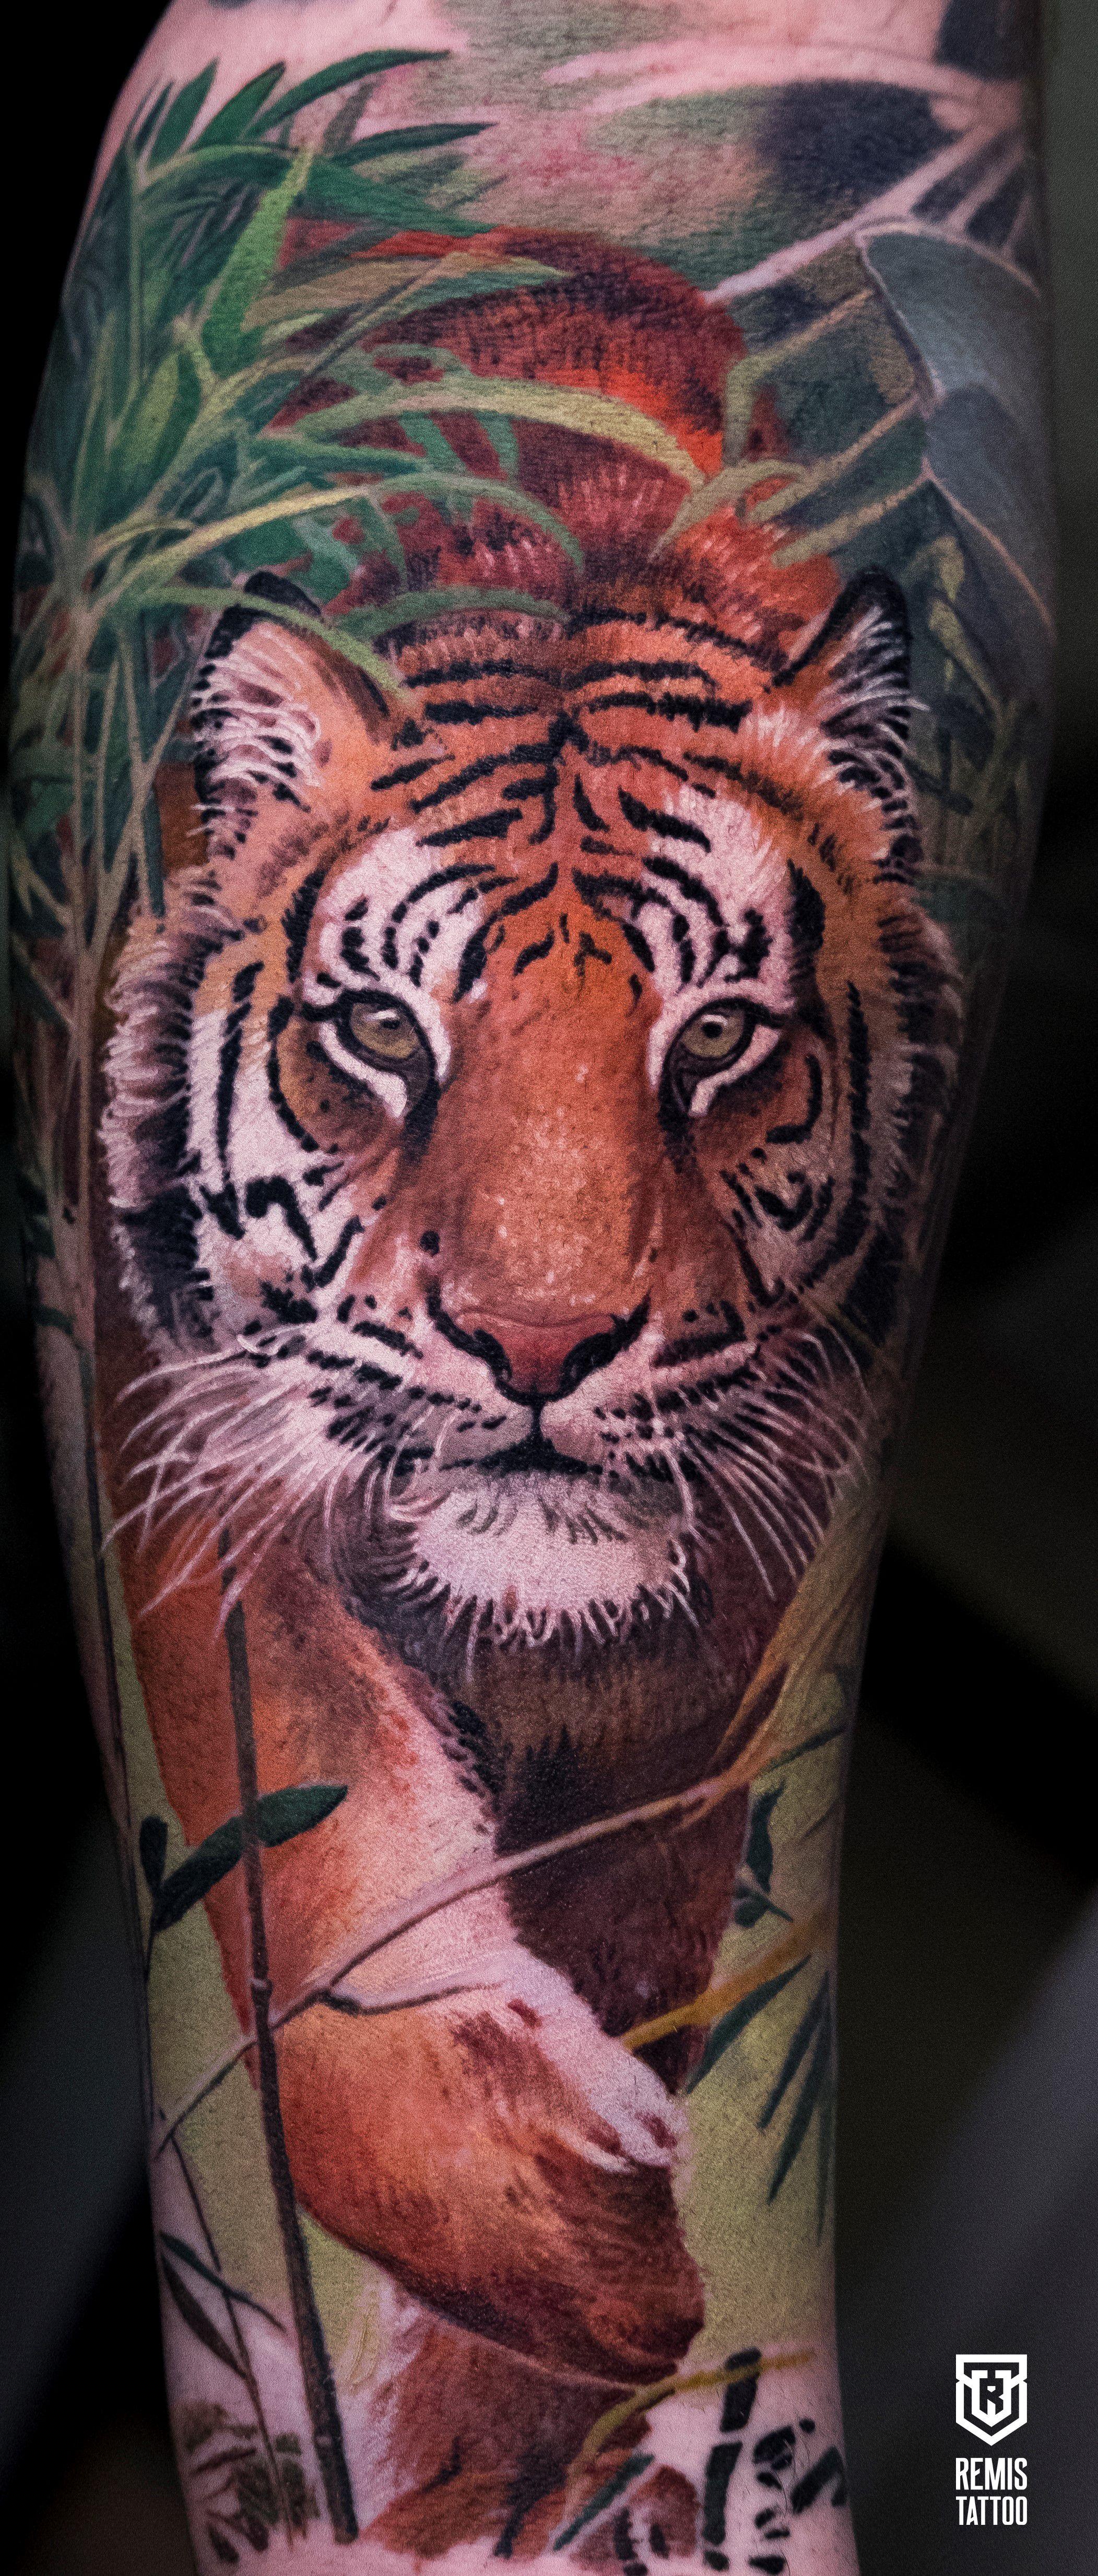 74819d7401b08 realistic tattoo, dublin tattoo, ireland, tattoo, tattoo inspiration,  sleeve tattoo, color tattoo, Lithuania tattoo, Remis tattoo, portrait tattoo,  ...